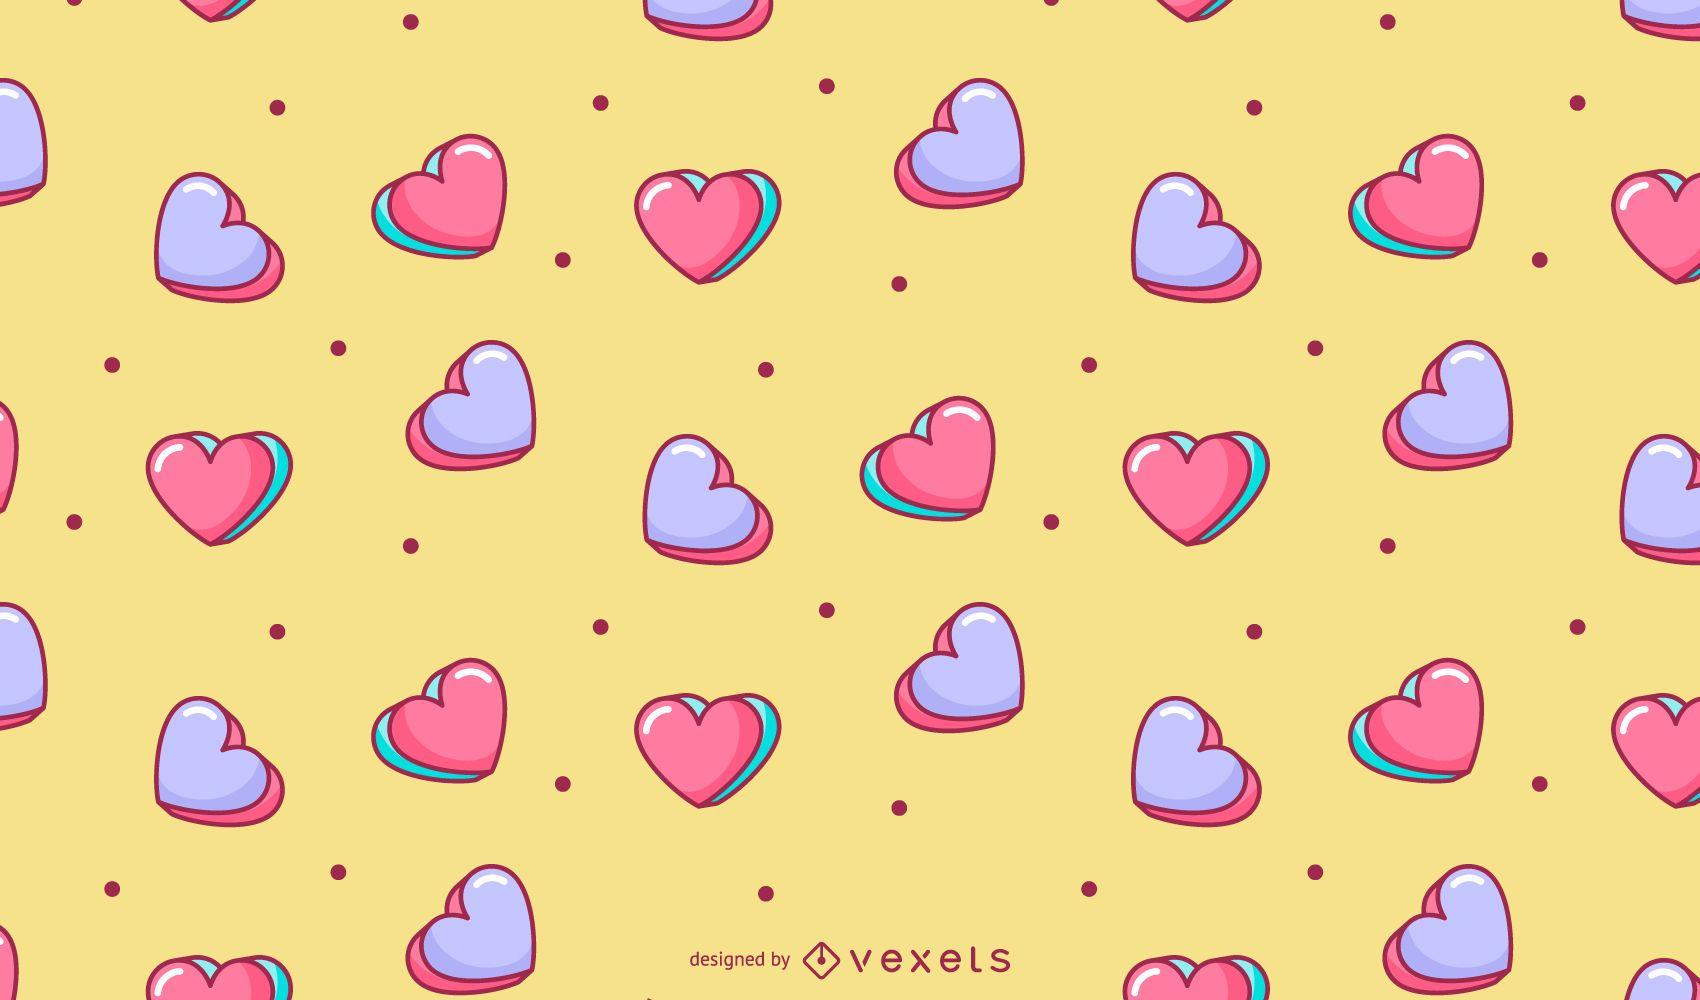 Valentine's hearts pattern design